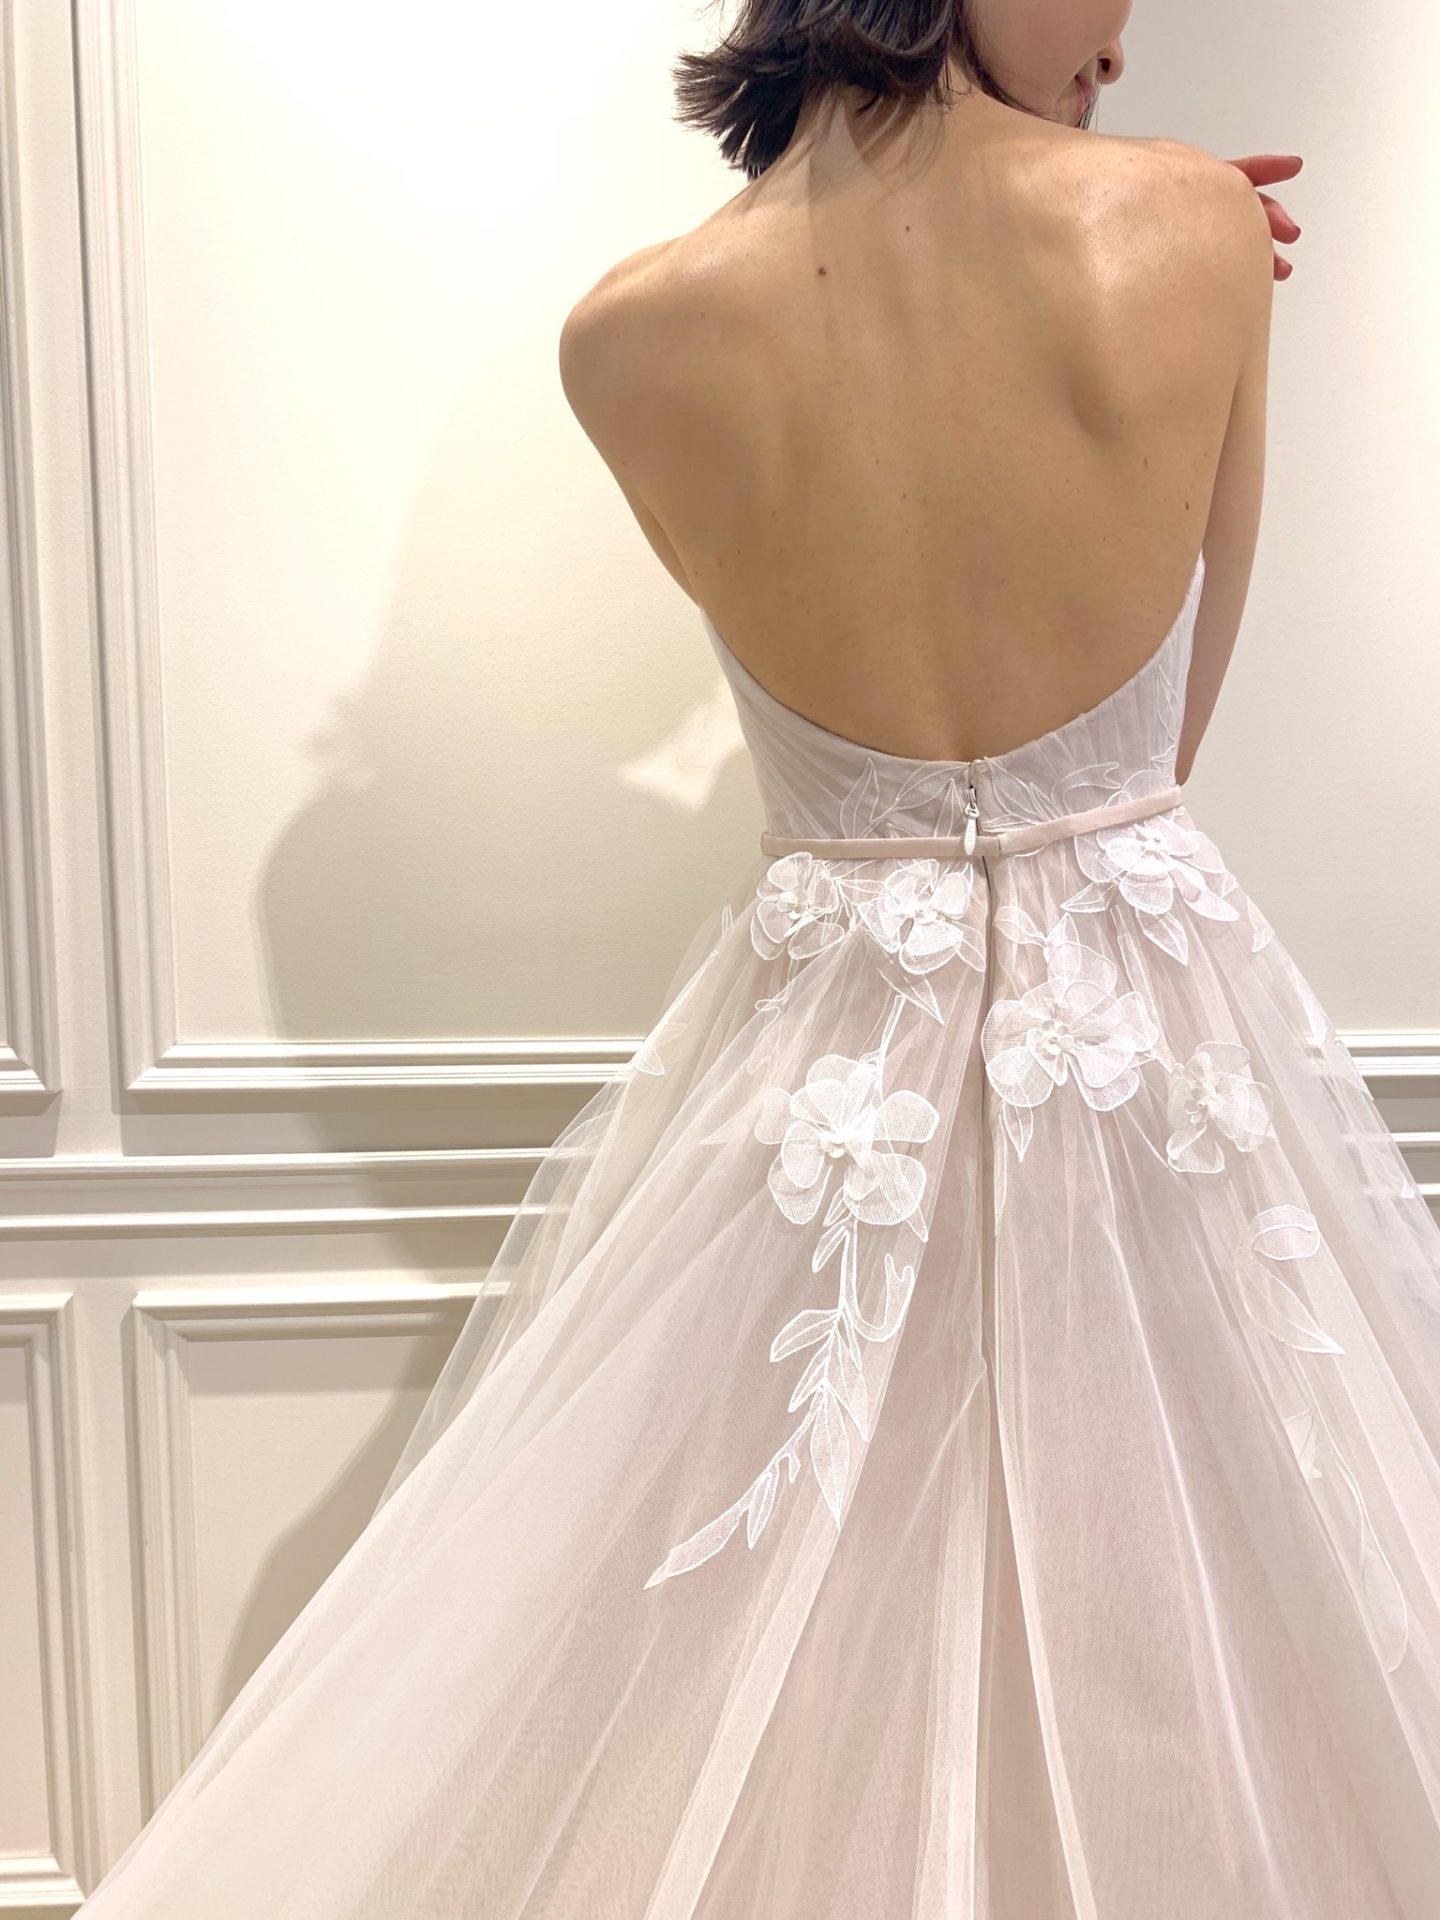 フォーチュンガーデン京都でお式を挙げられる新婦様におすすめしたいピンクがかった色味に3Dペイントでなぞったモチーフが美しく配置されているウエディングドレス